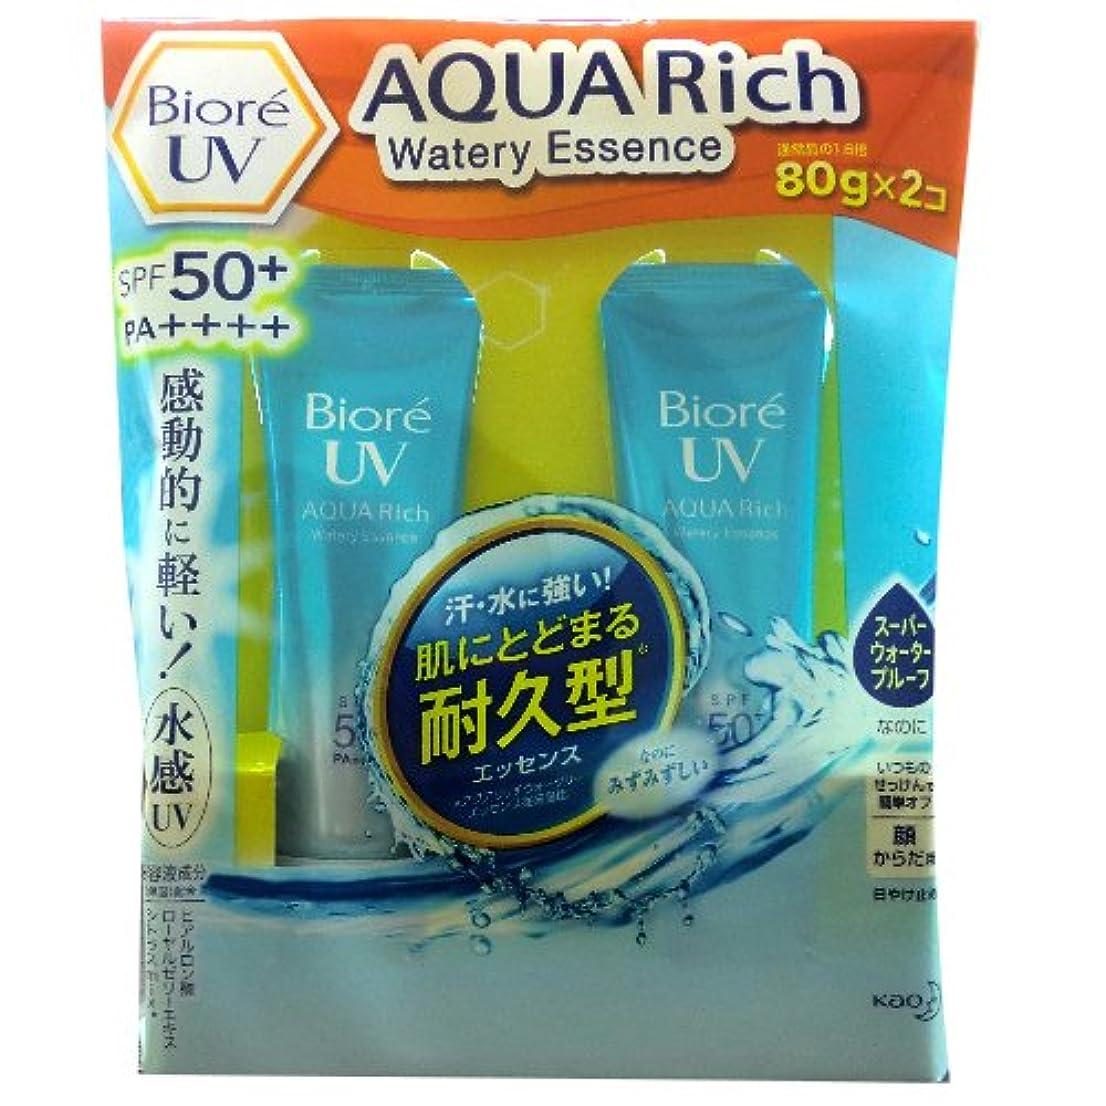 輪郭プロフェッショナルドロップBiore UV AQUA Rich Watery Essence 80g×2コ